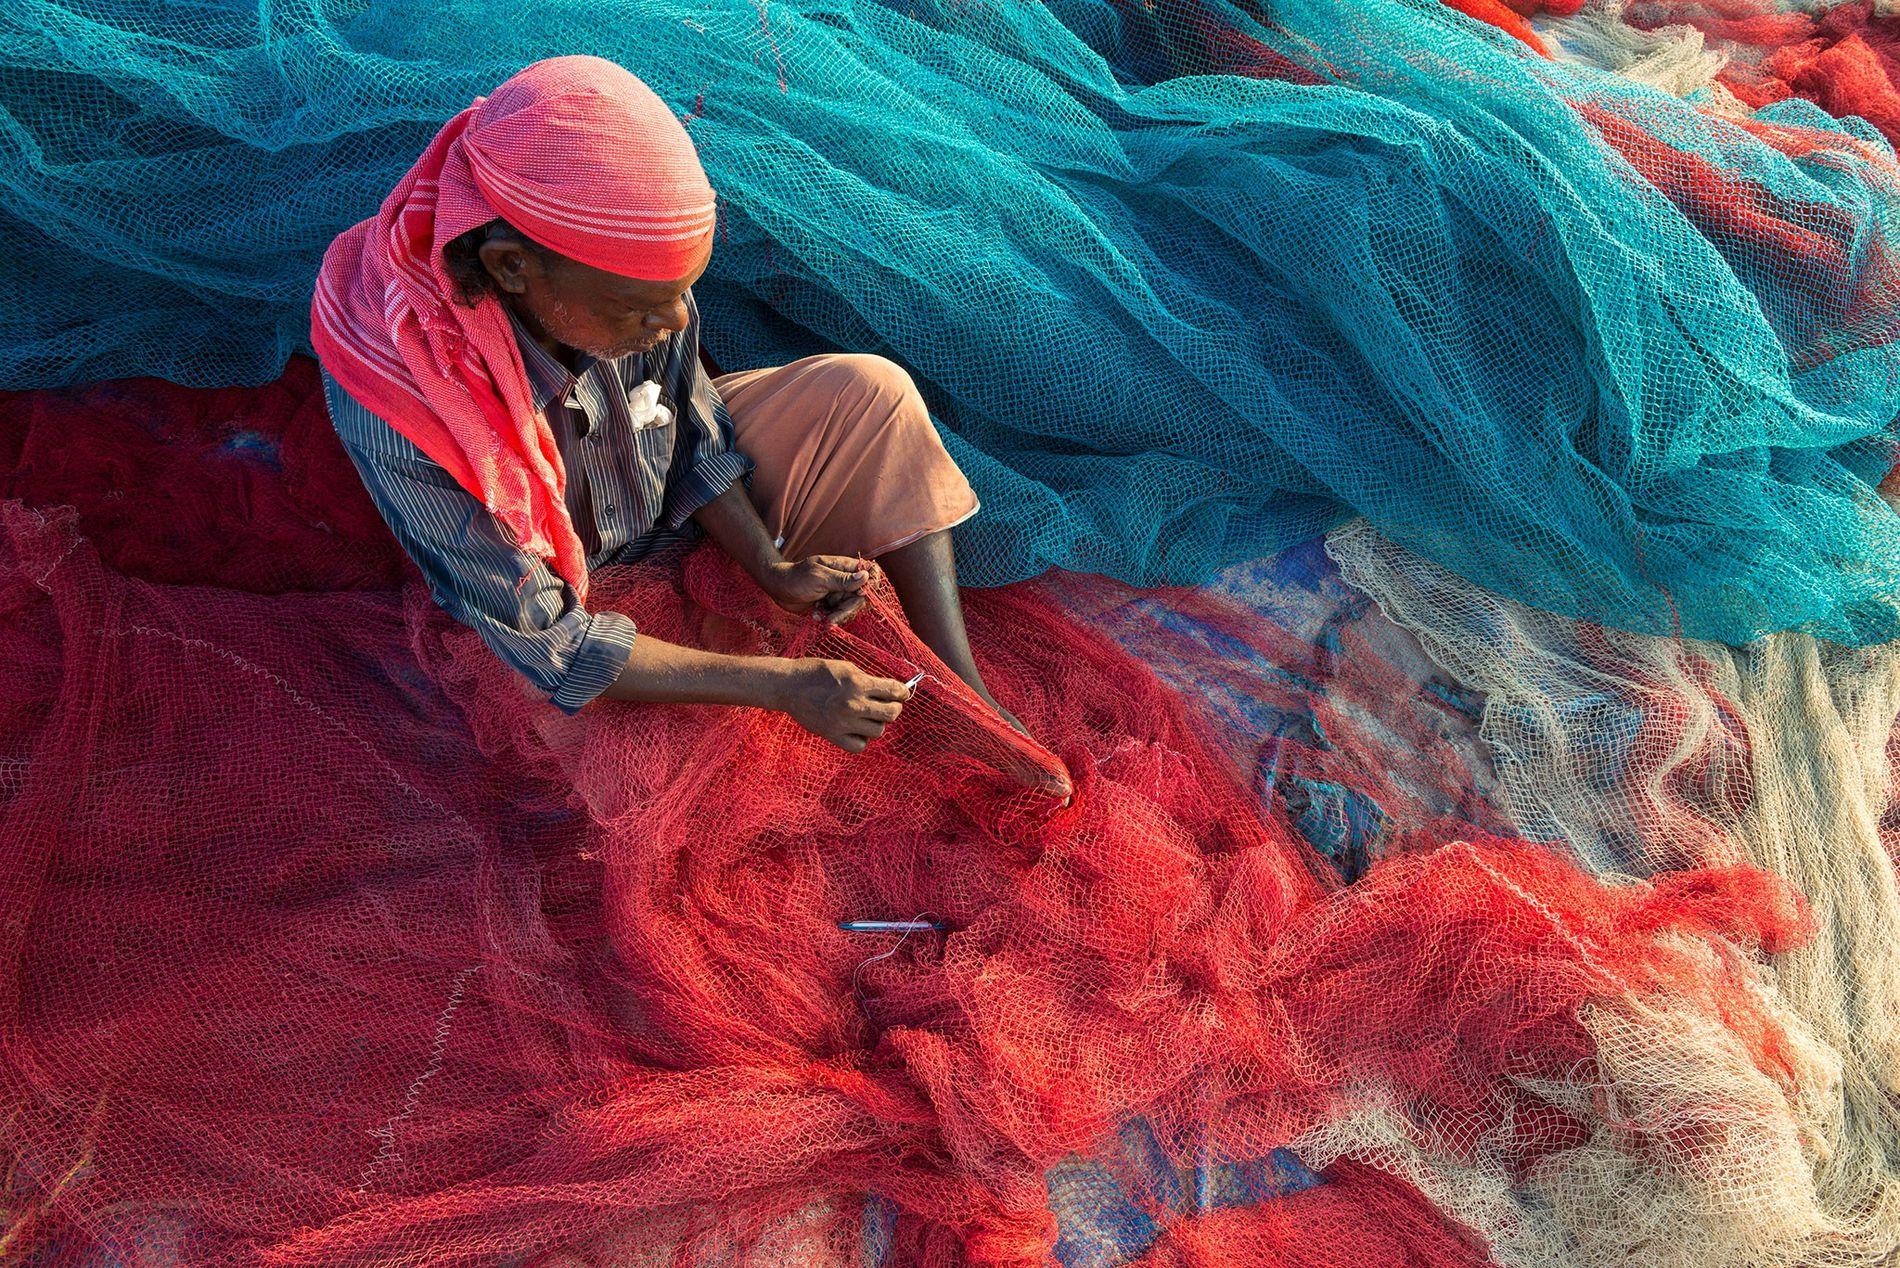 Un pescador en Kerala, India, arregla sus redes en la playa. La contaminación por plástico puede dañar y obstruir redes, pero ahora los pescadores le están haciendo frente.